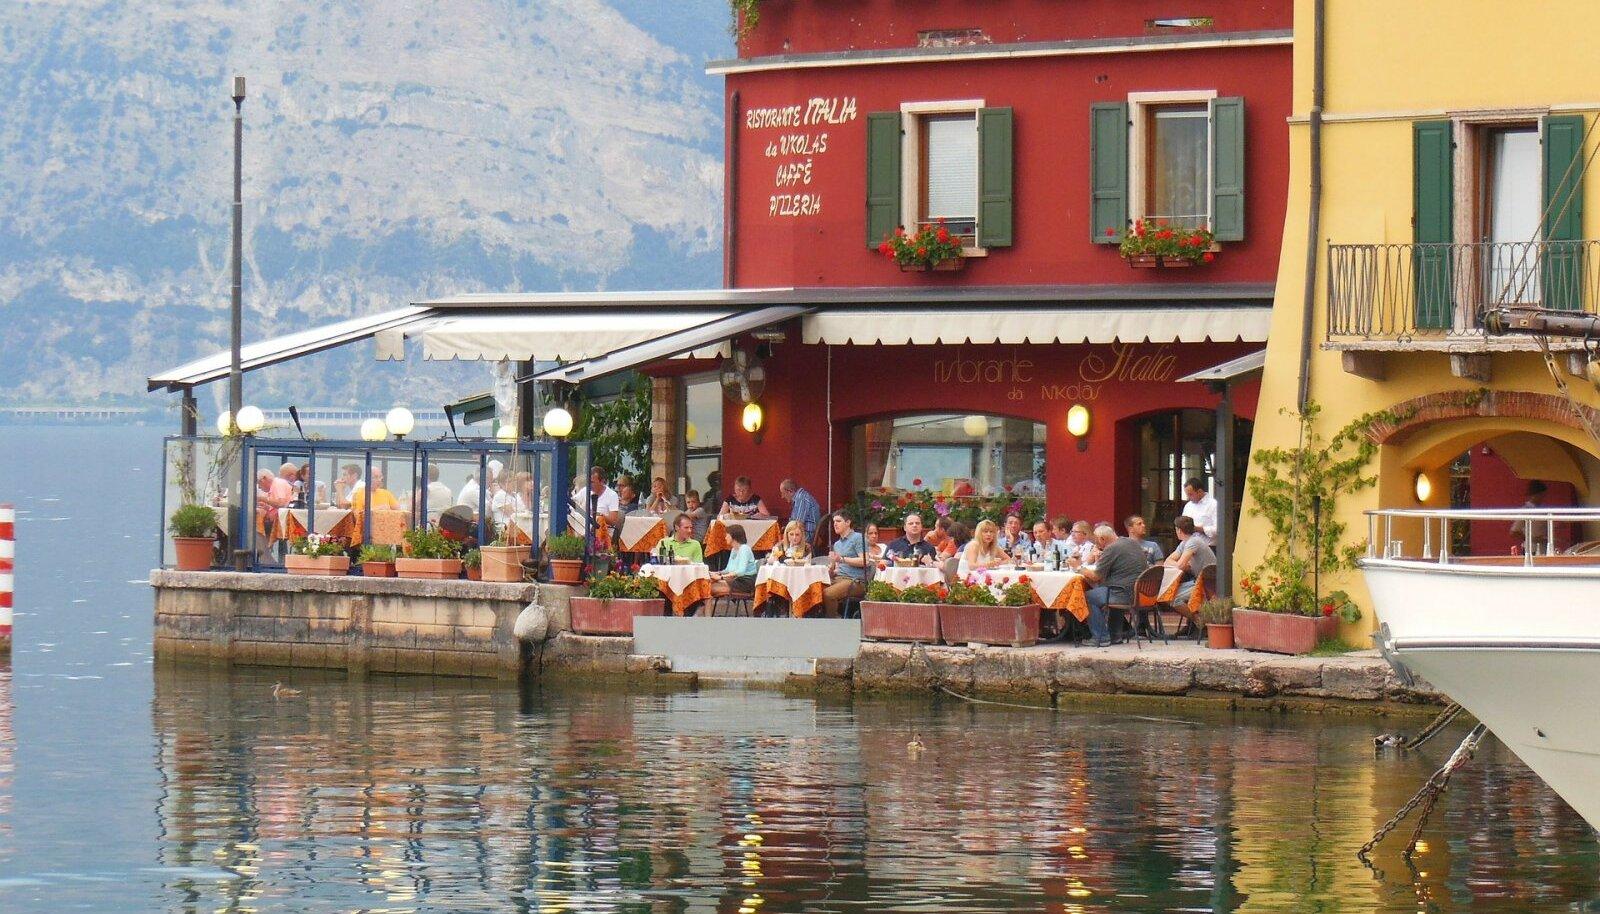 Garda järv, Itaalia